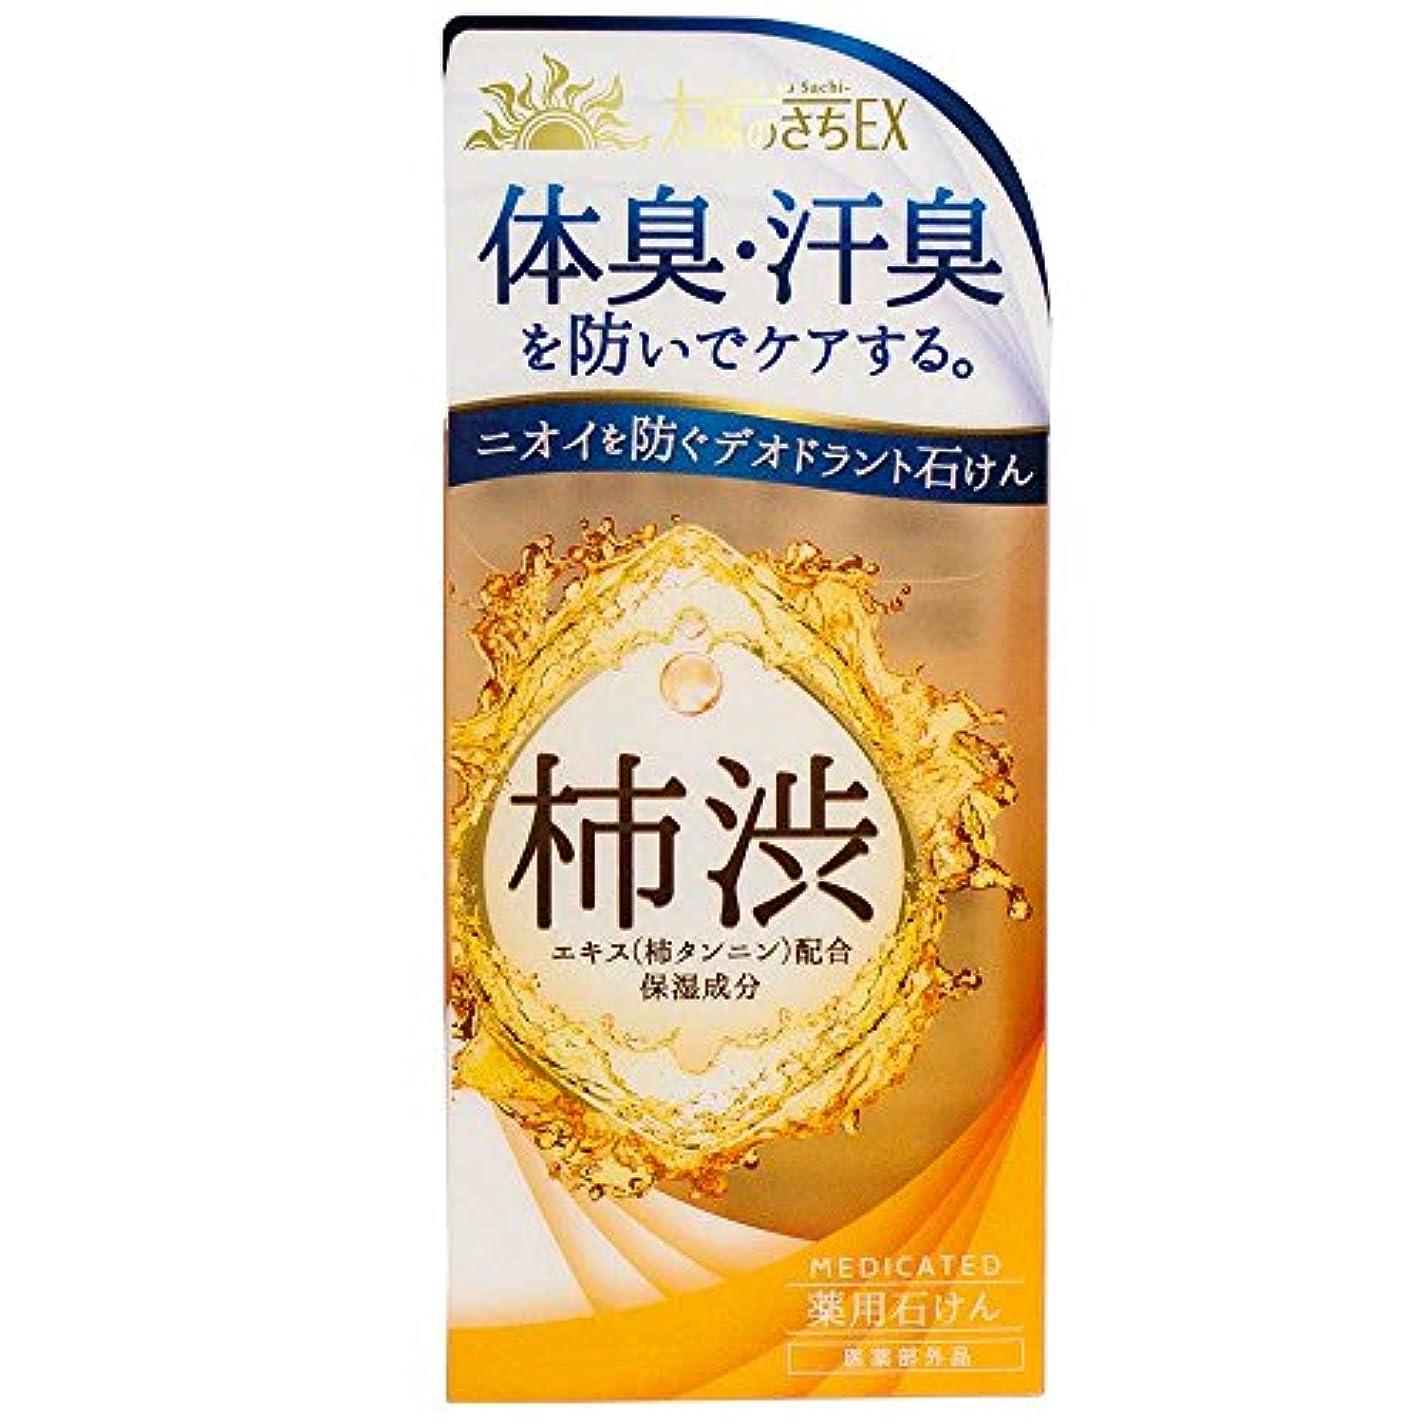 ご注意咽頭トロピカル薬用太陽のさちEX 柿渋石けん 120g